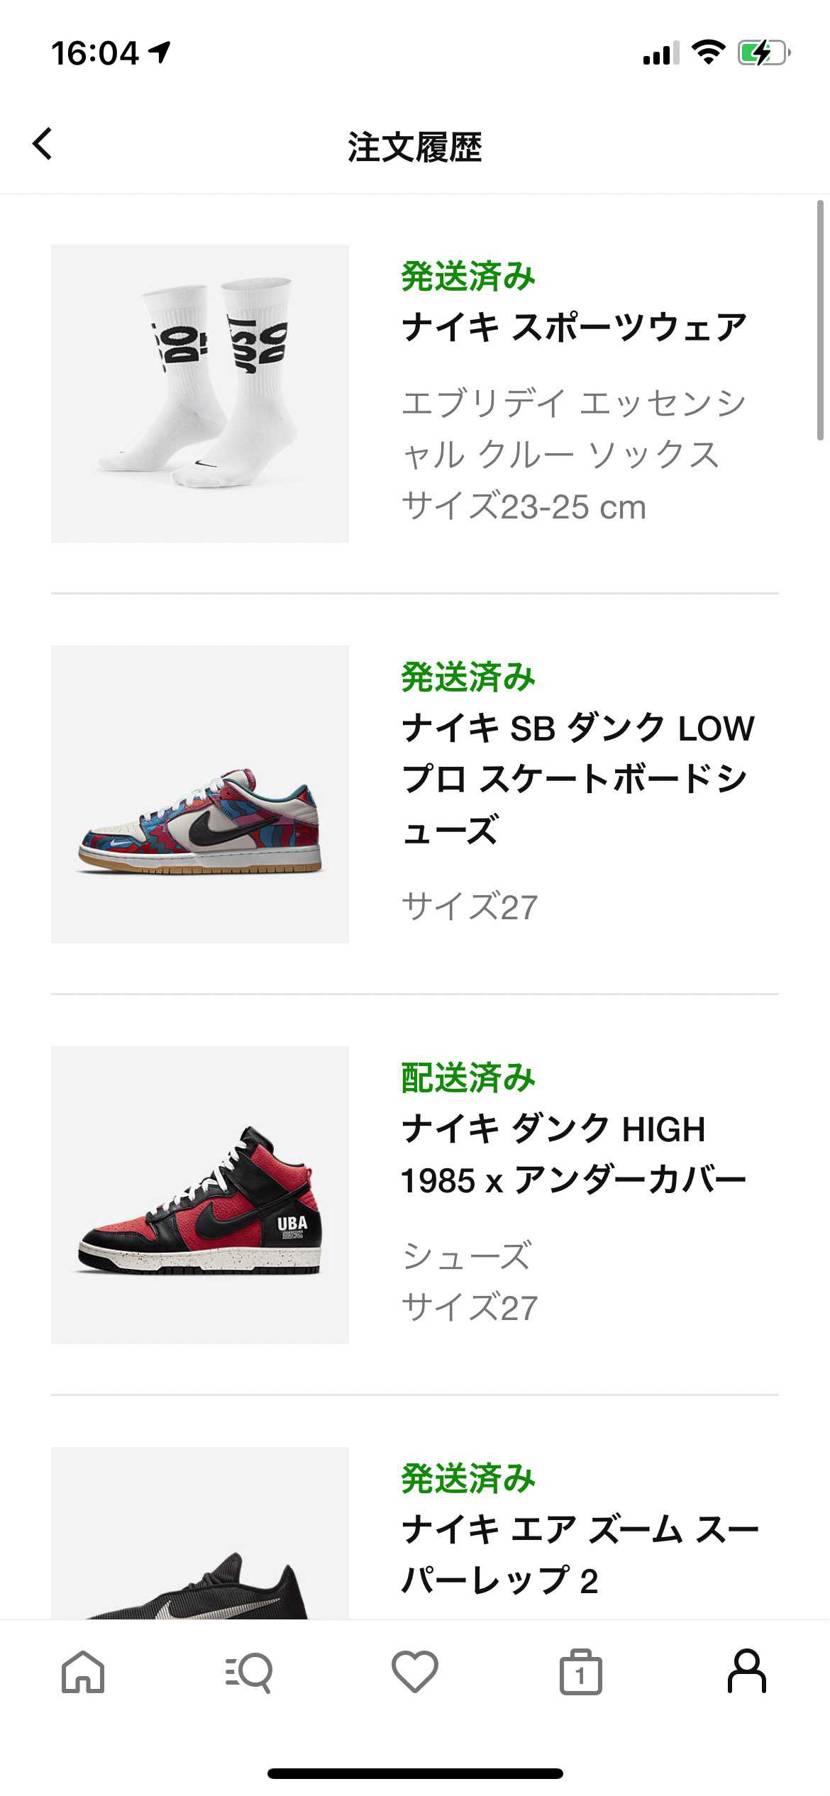 発送された〜!一安心。 Nikeに在庫ないとか言ってキャンセルになったら 今